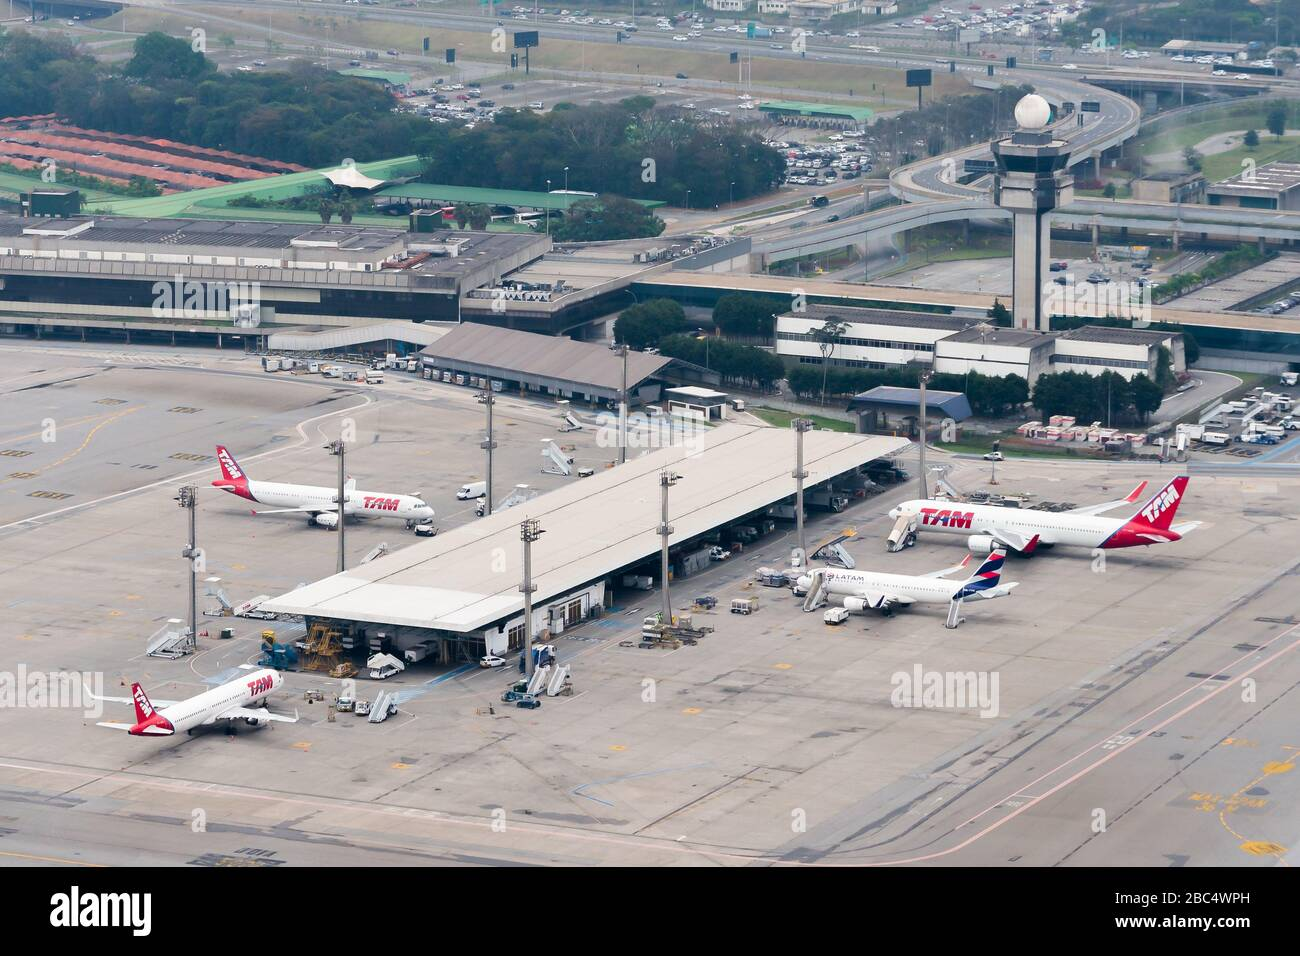 Puesto a distancia estacionó aviones de LATAM (TAM antiguo). Vista aérea de la terminal de pasajeros en el Aeropuerto Internacional Guarulhos de Sao Paulo en Brasil. Torre ATC. Foto de stock